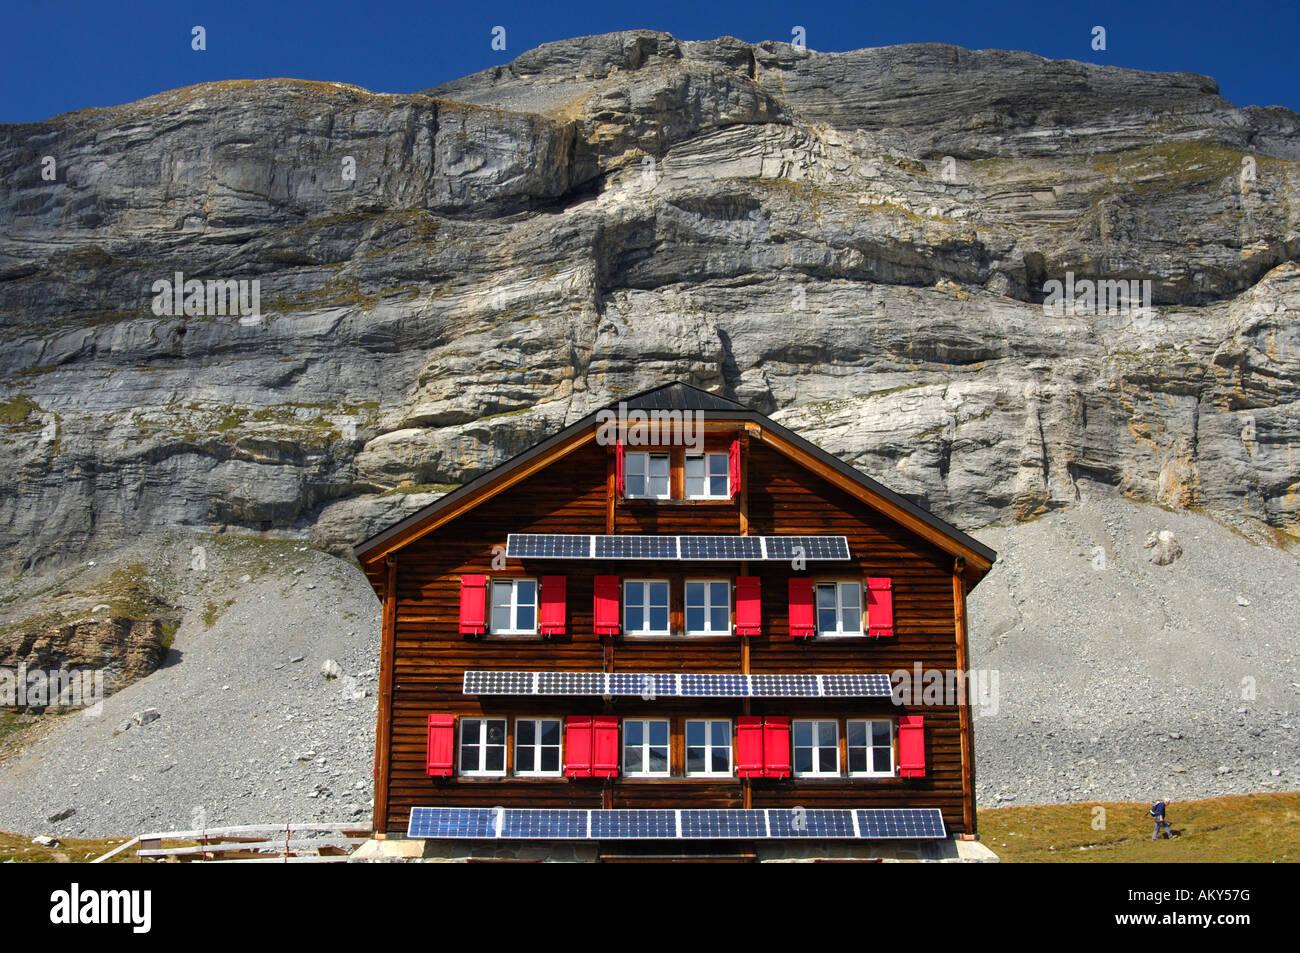 El uso de la energía solar en zonas remotas, Laemmerenhuette, Club Alpino Suizo, Suiza Imagen De Stock